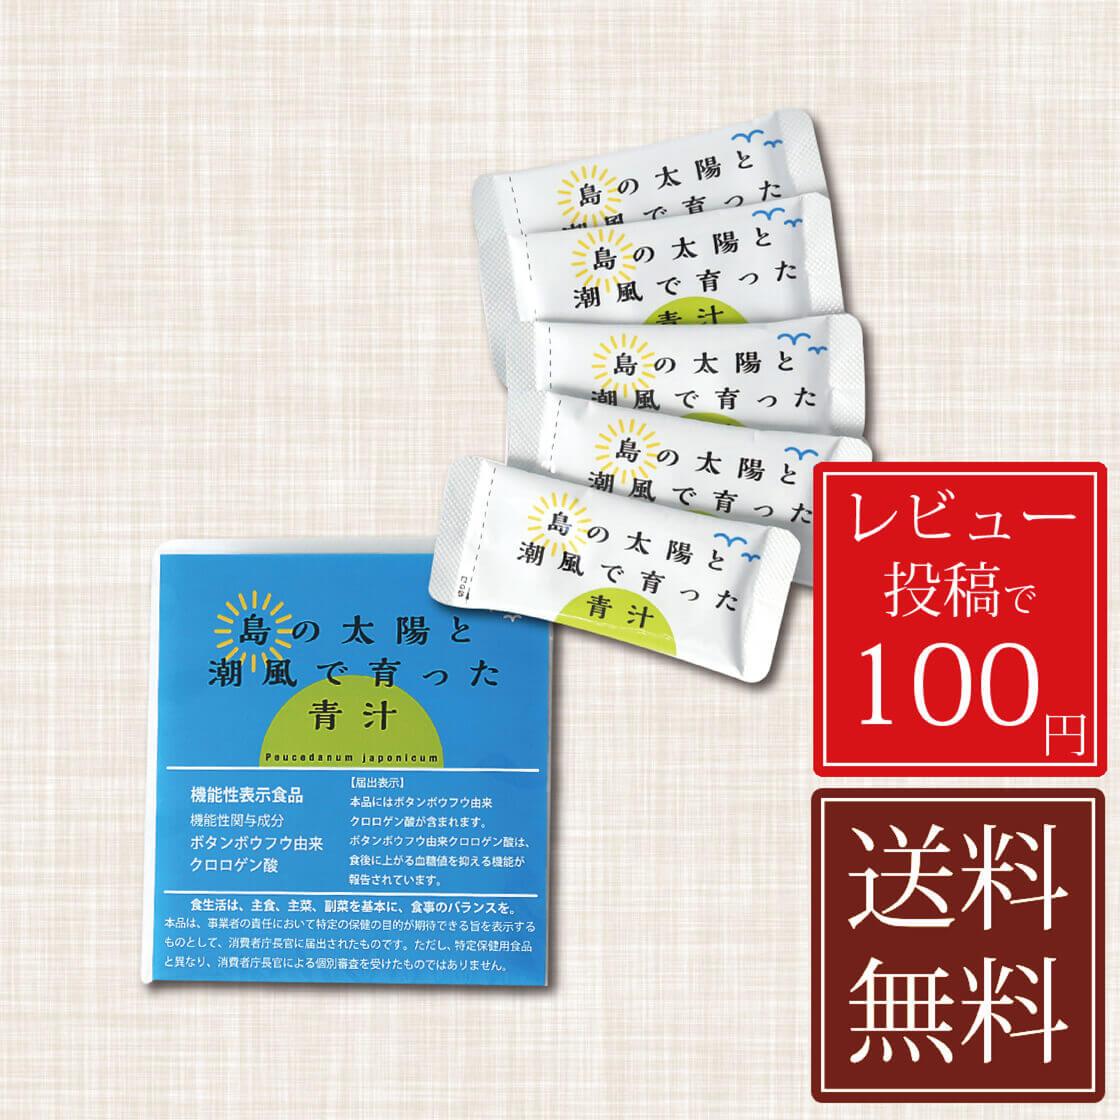 【レビュー投稿で100円!】島の太陽と潮風で育った青汁 5包